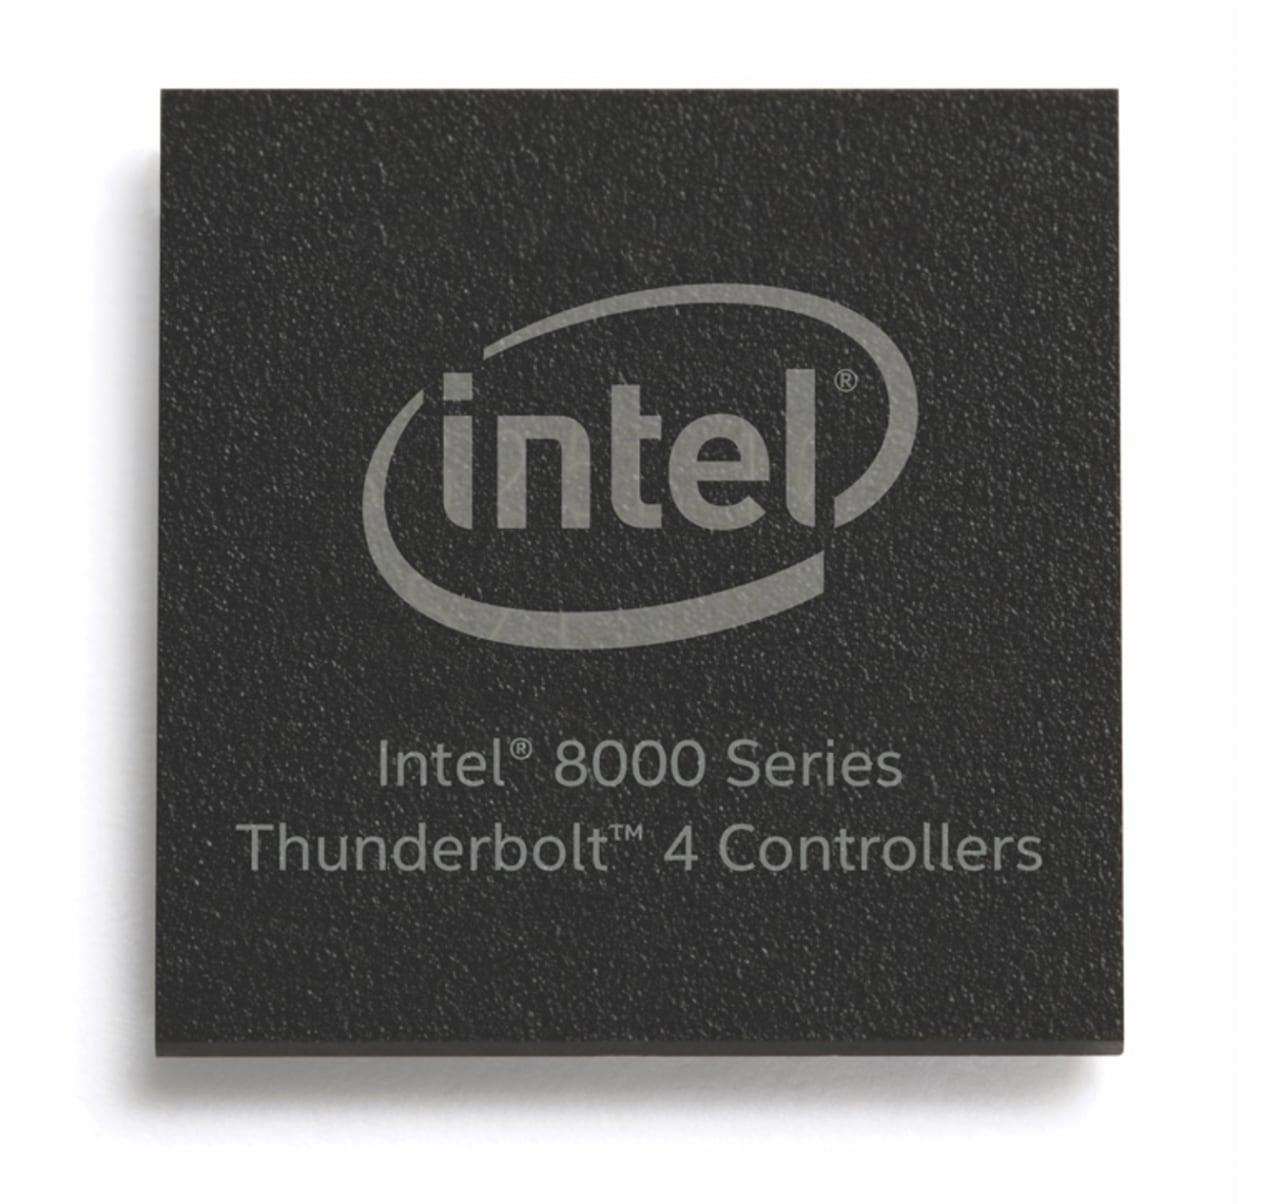 Intel presenta Thunderbolt 4: supporto al 8K e sempre più universale, in arrivo con i processori Tiger Lake (foto)